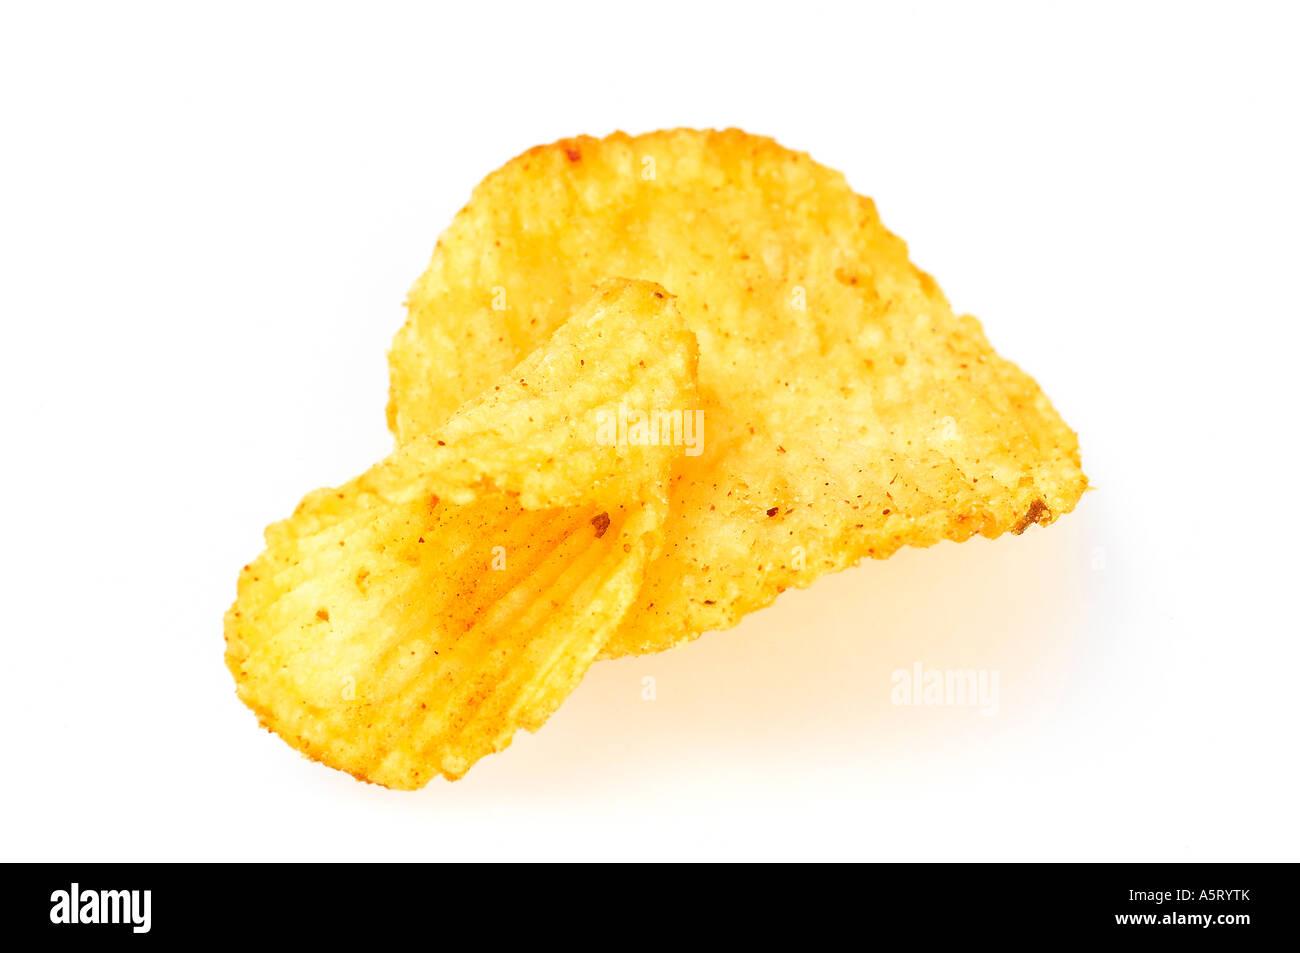 Flakes of crisps on white background - Stock Image